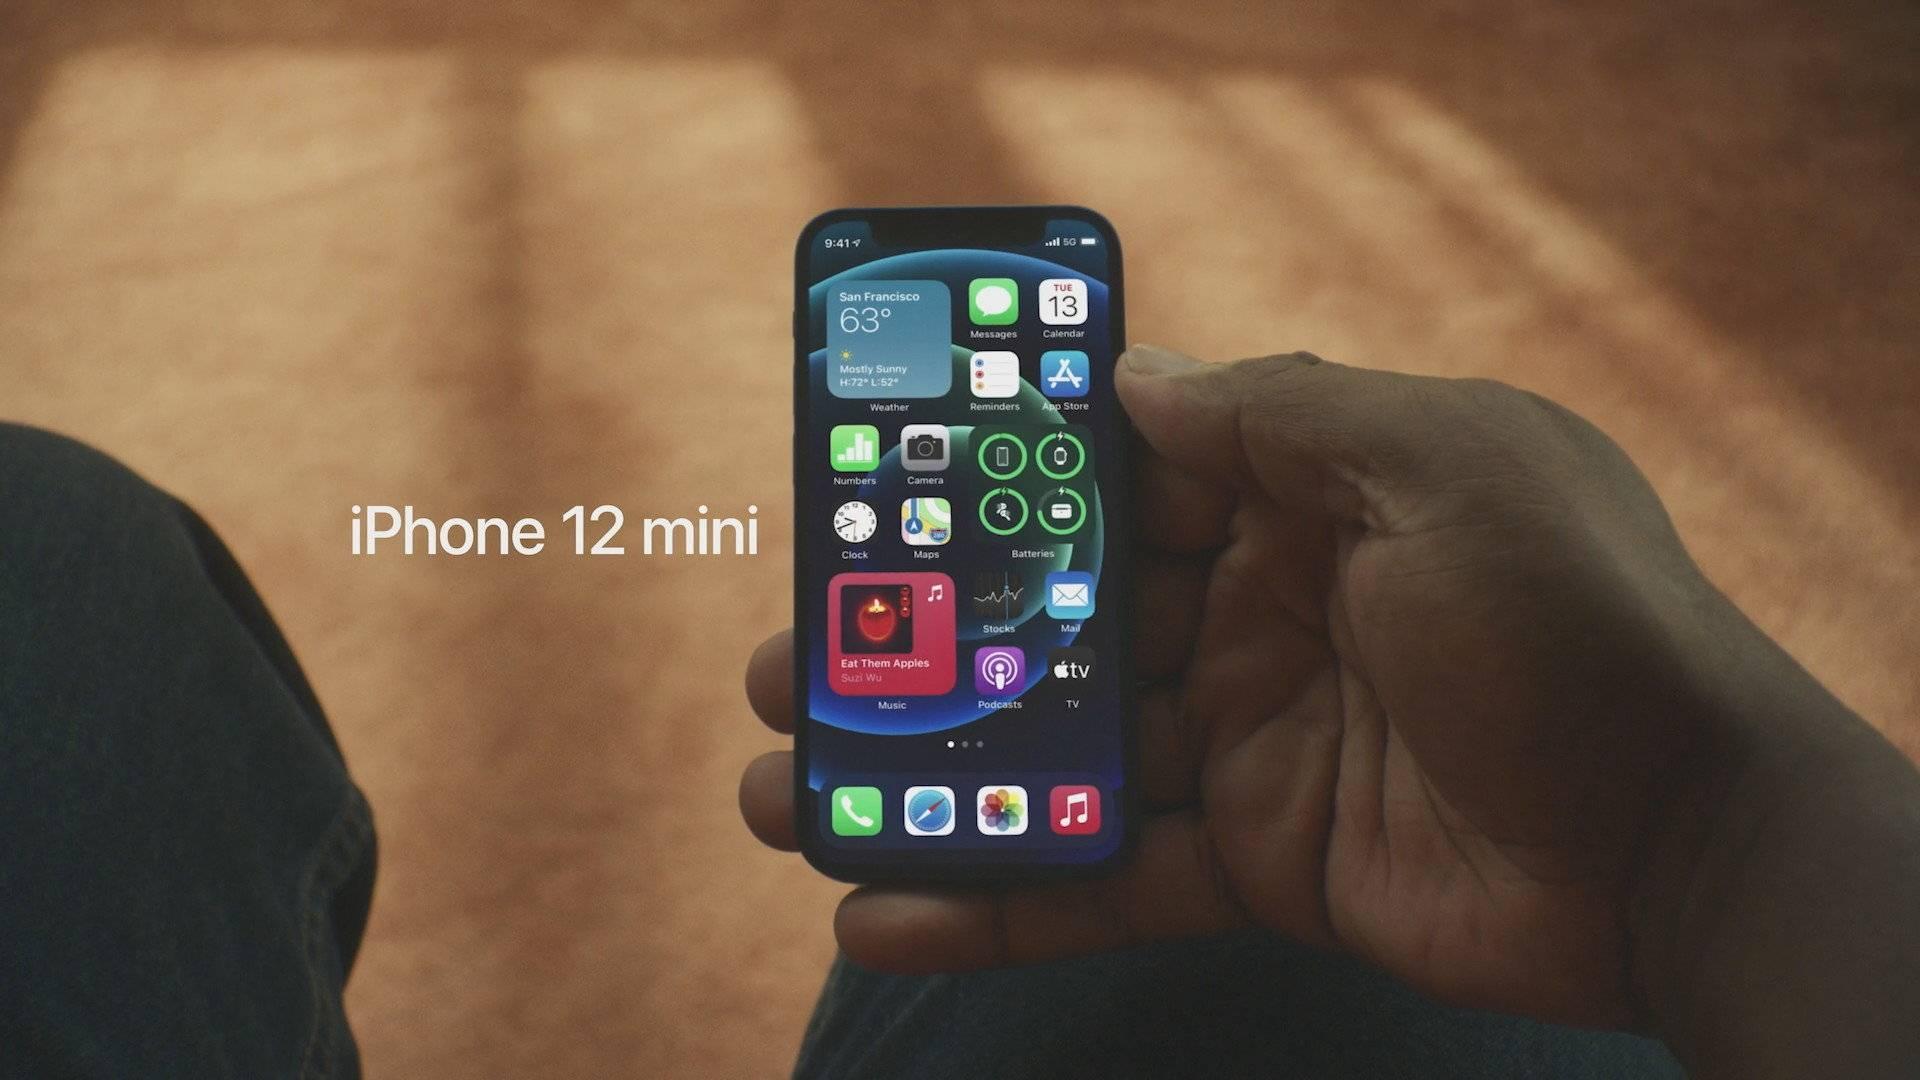 苹果降低iPhone12 mini产量,为满足更受欢迎的iPhone 12 Pro的需求